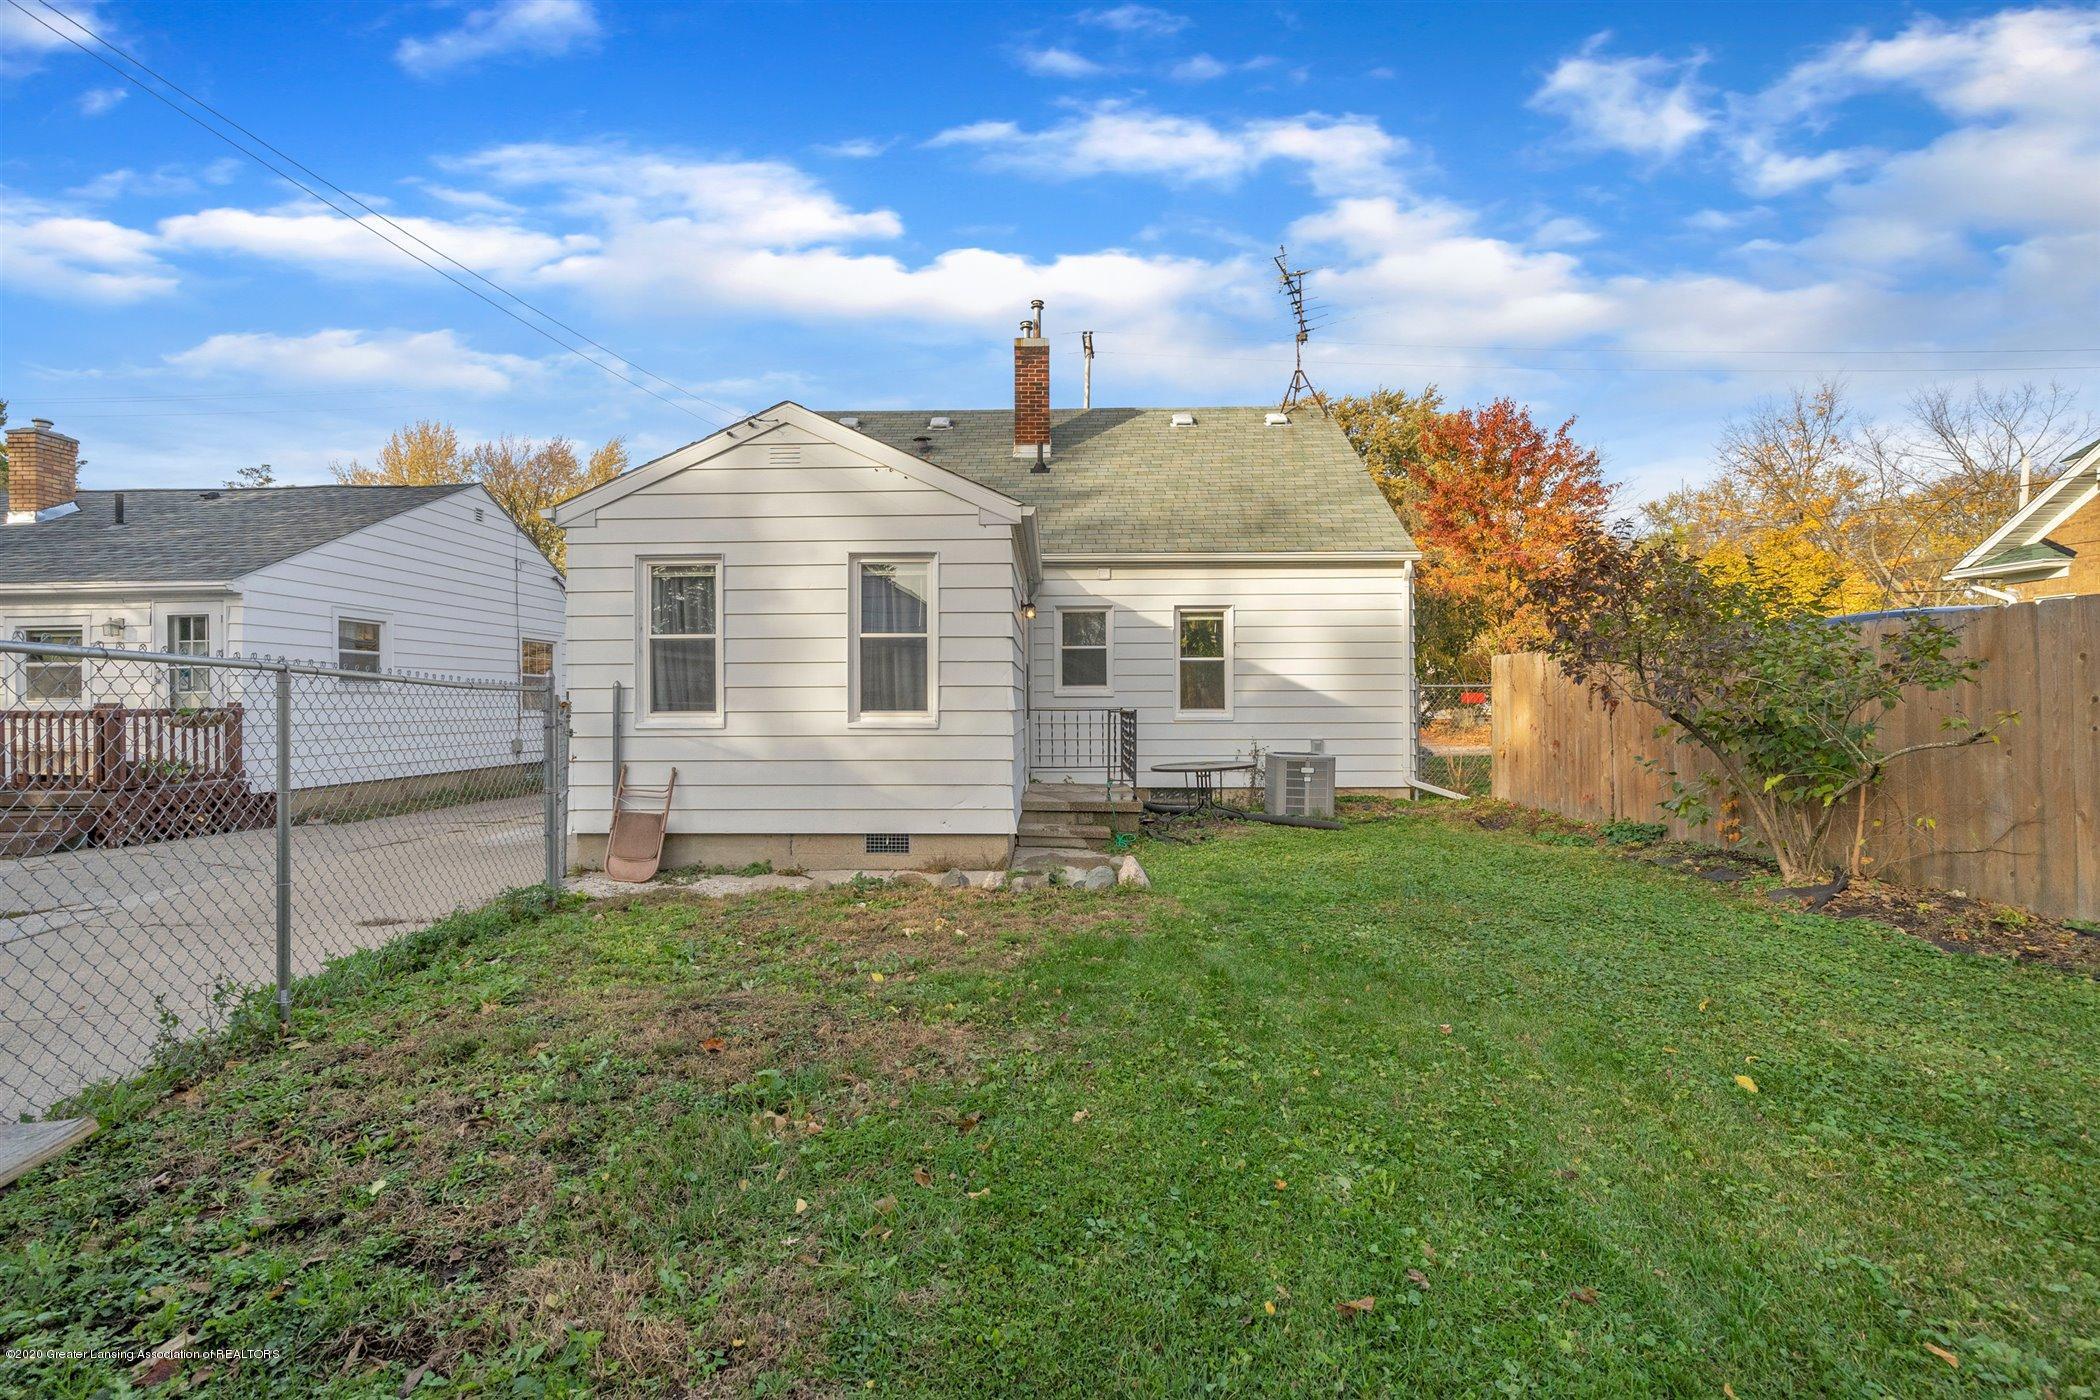 1209 Lenore Ave - 32-1209-Lenore-Ave-WindowStill-Real - 32